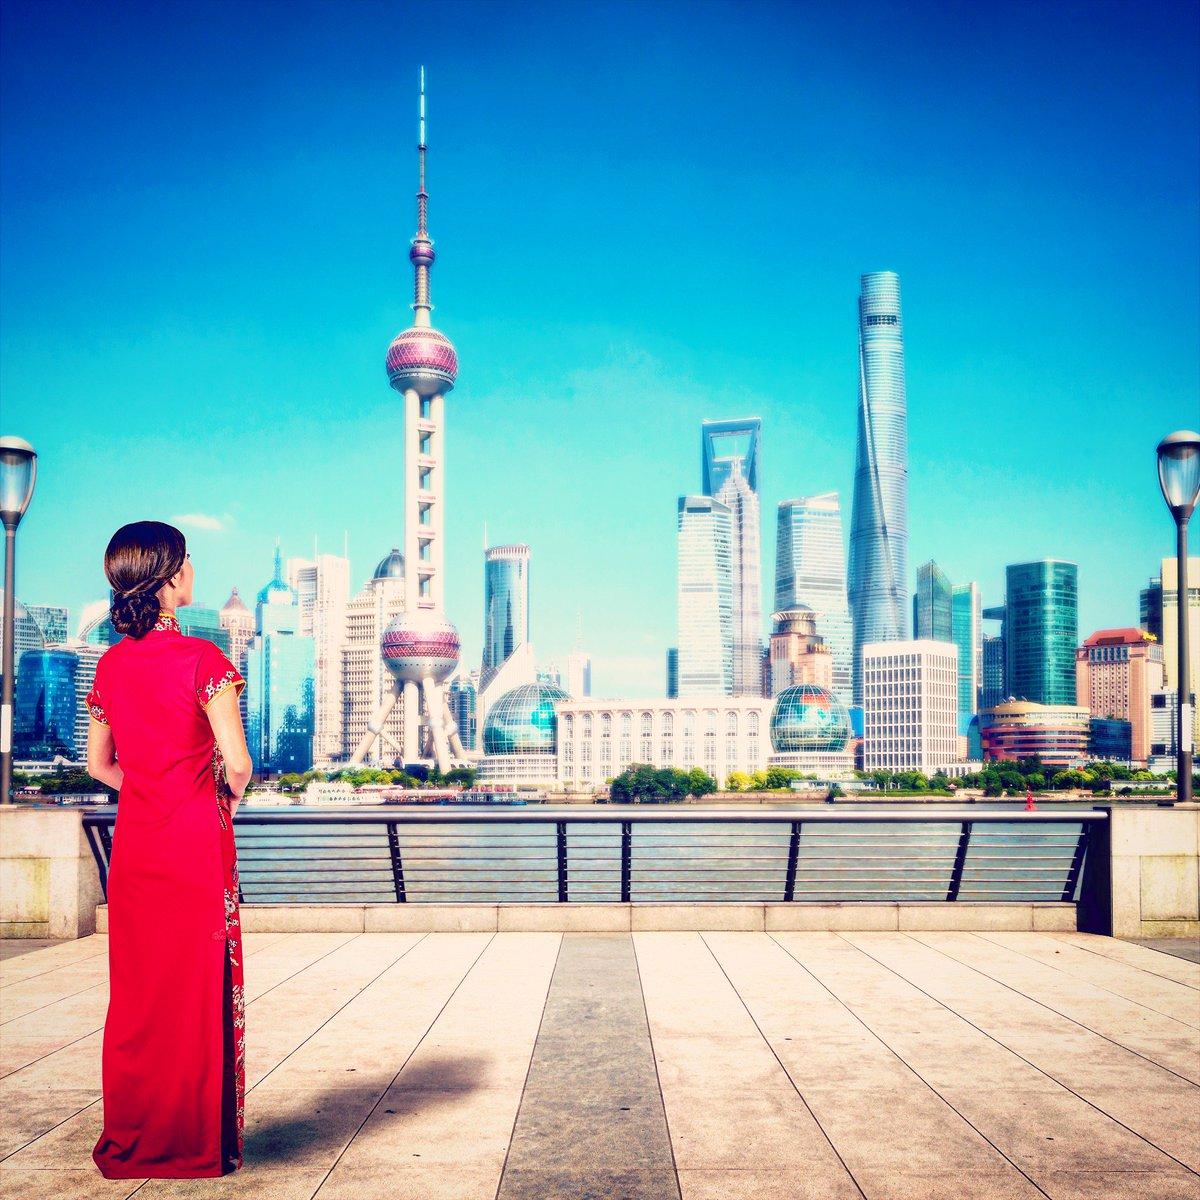 What a week! Till next time, Shanghai   #roselemarc #lemarcspirit #shanghai #fashionweek #shanghaifashionweek #thebund #qipao #tillnextyear<br>http://pic.twitter.com/lGwqdqkhM7